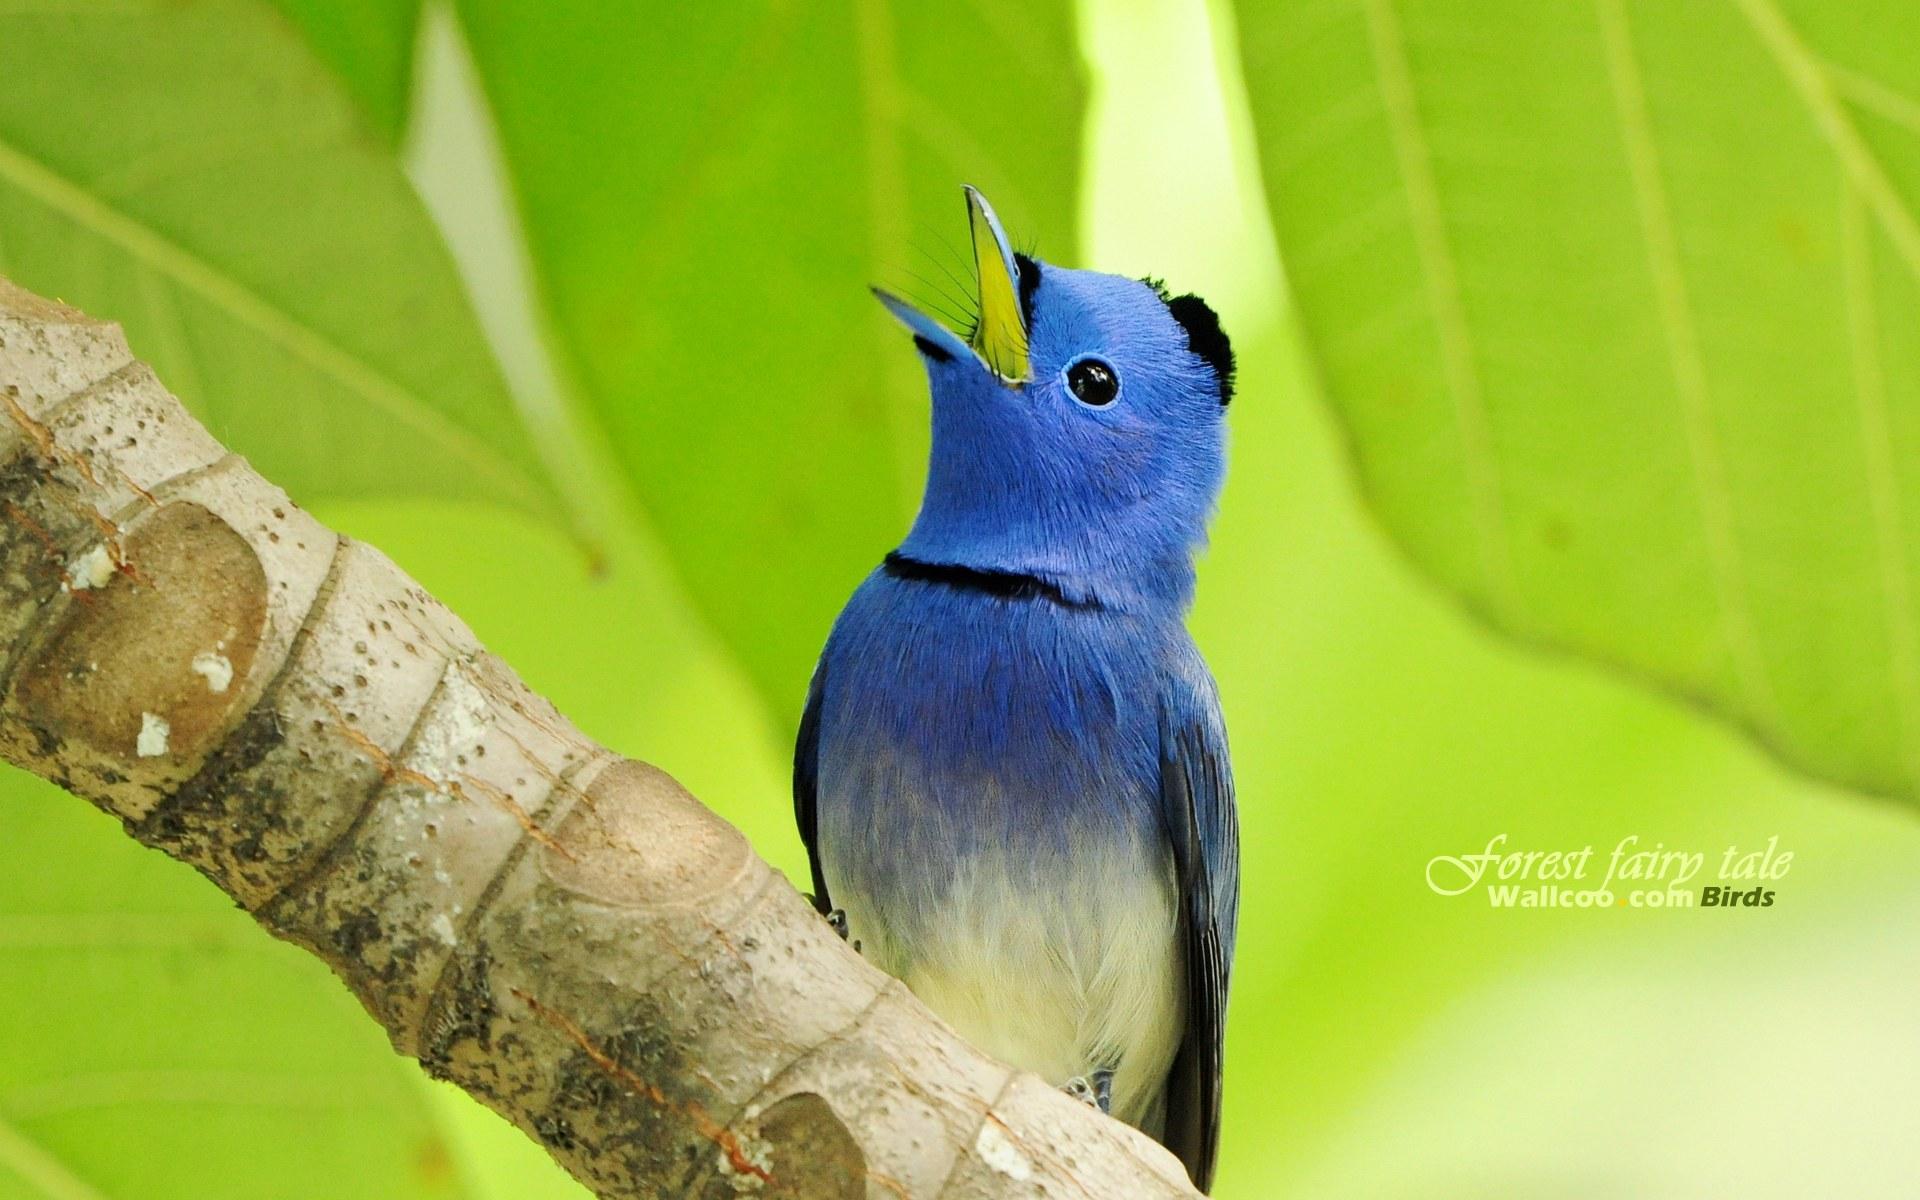 壁纸 小鸟/树林里的小精灵春天可爱小鸟壁纸蓝色精灵小鸟黑枕蓝鹟小鸟...